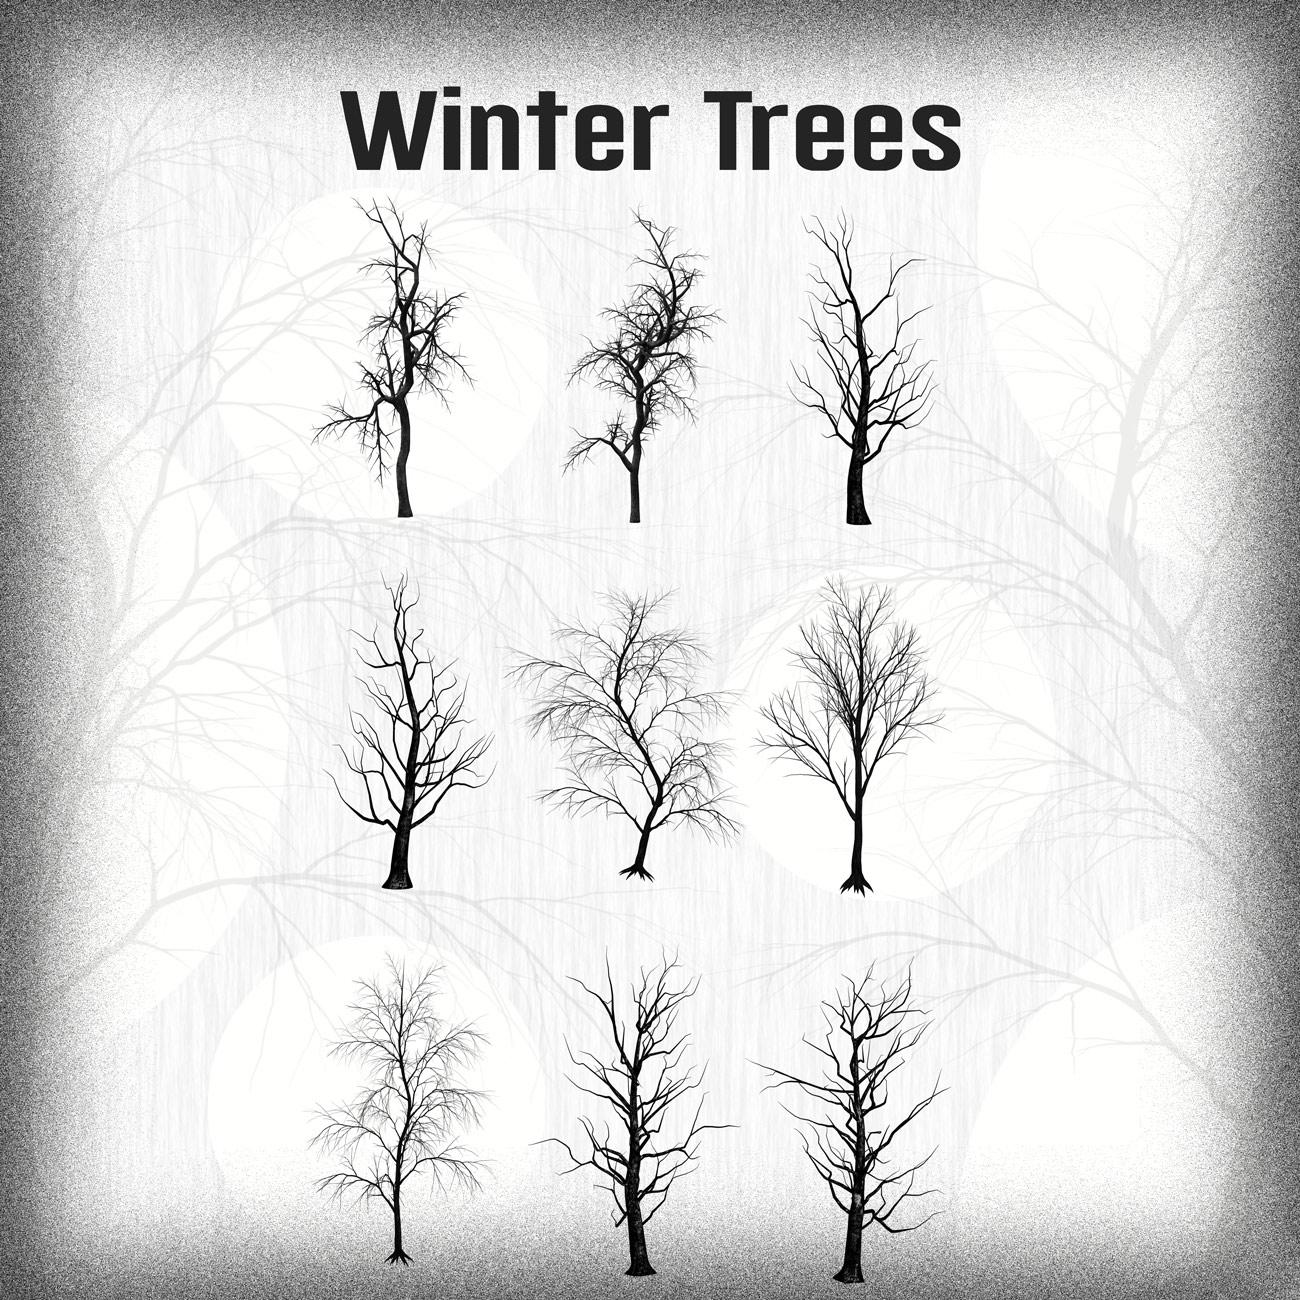 9种树枝、干枯的大树、冬天的树木PS笔刷下载